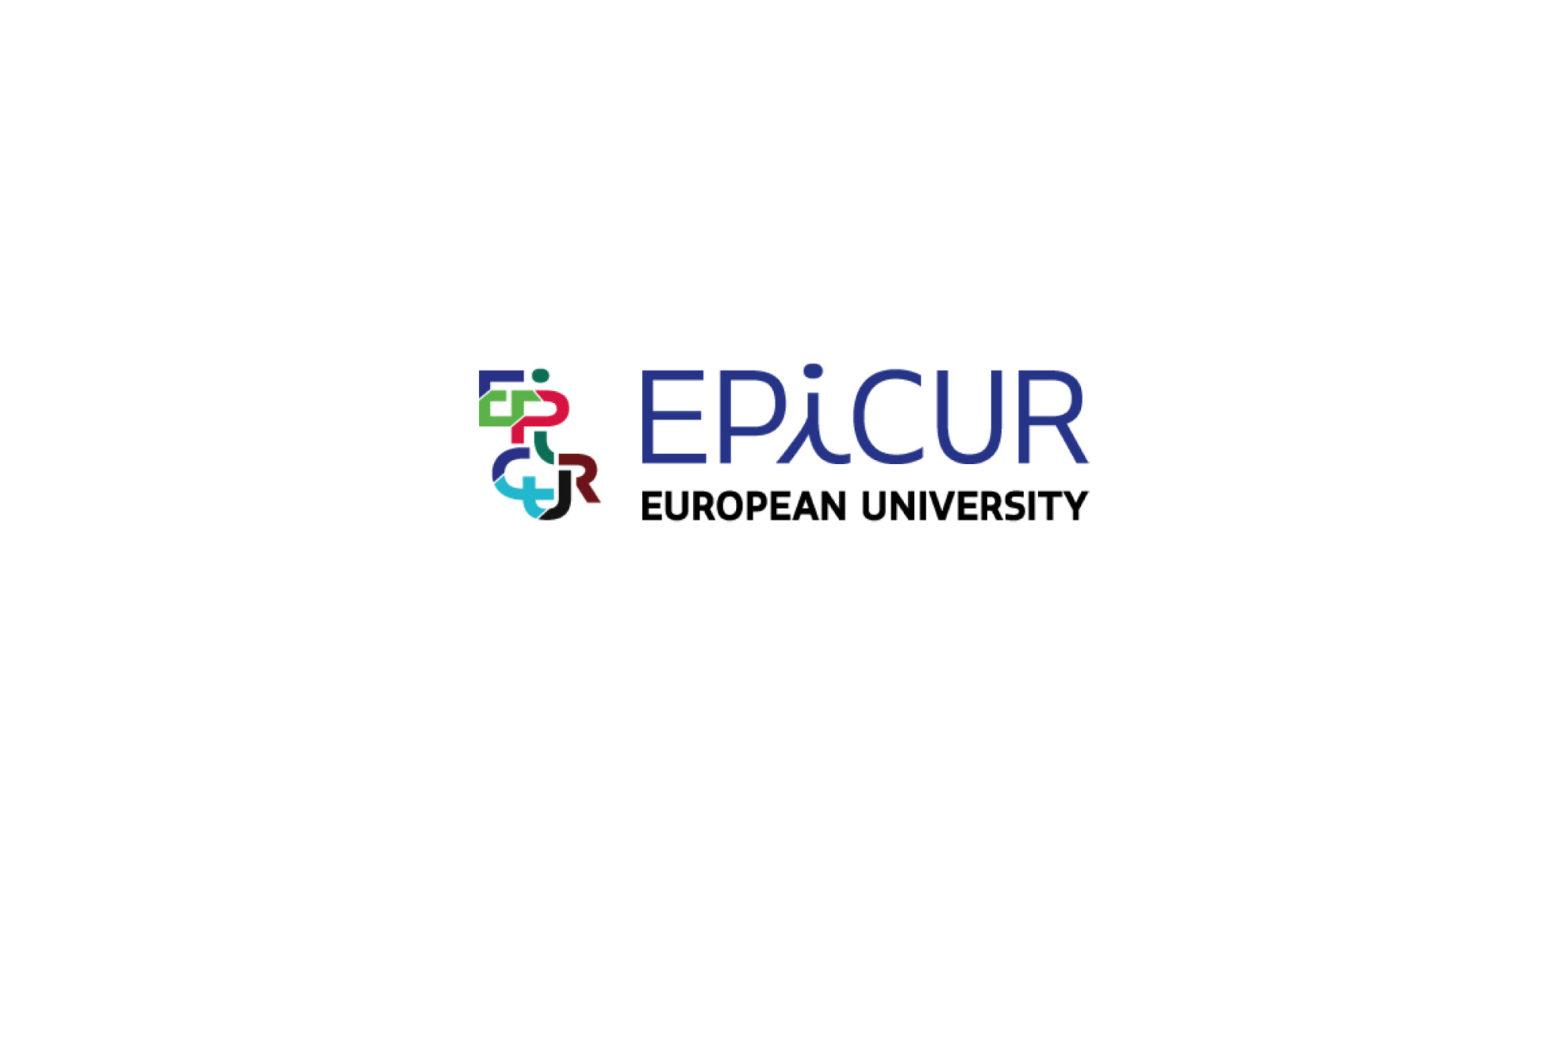 Epicur-Header